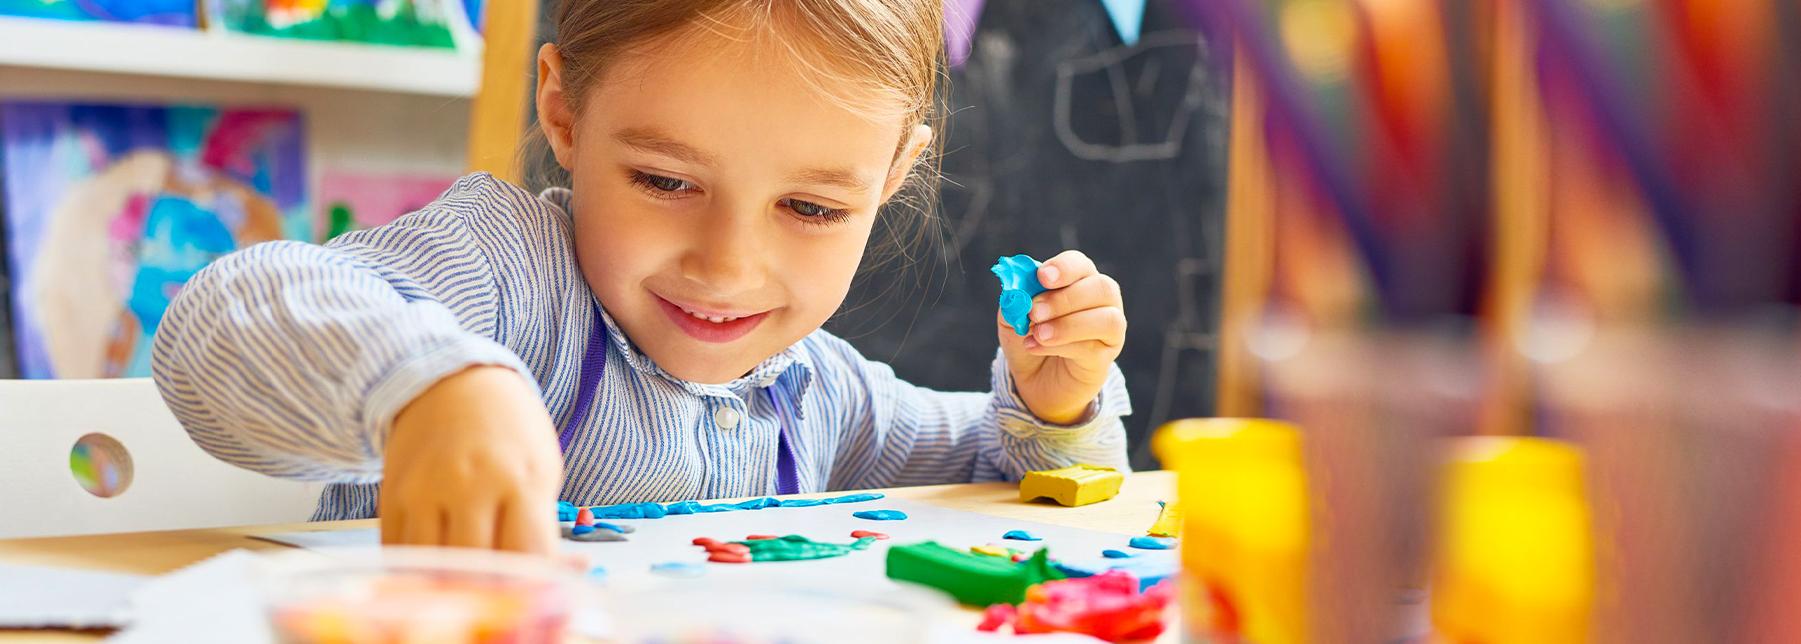 Dia das Crianças: Milium tem de tudo para a alegria da criançada!